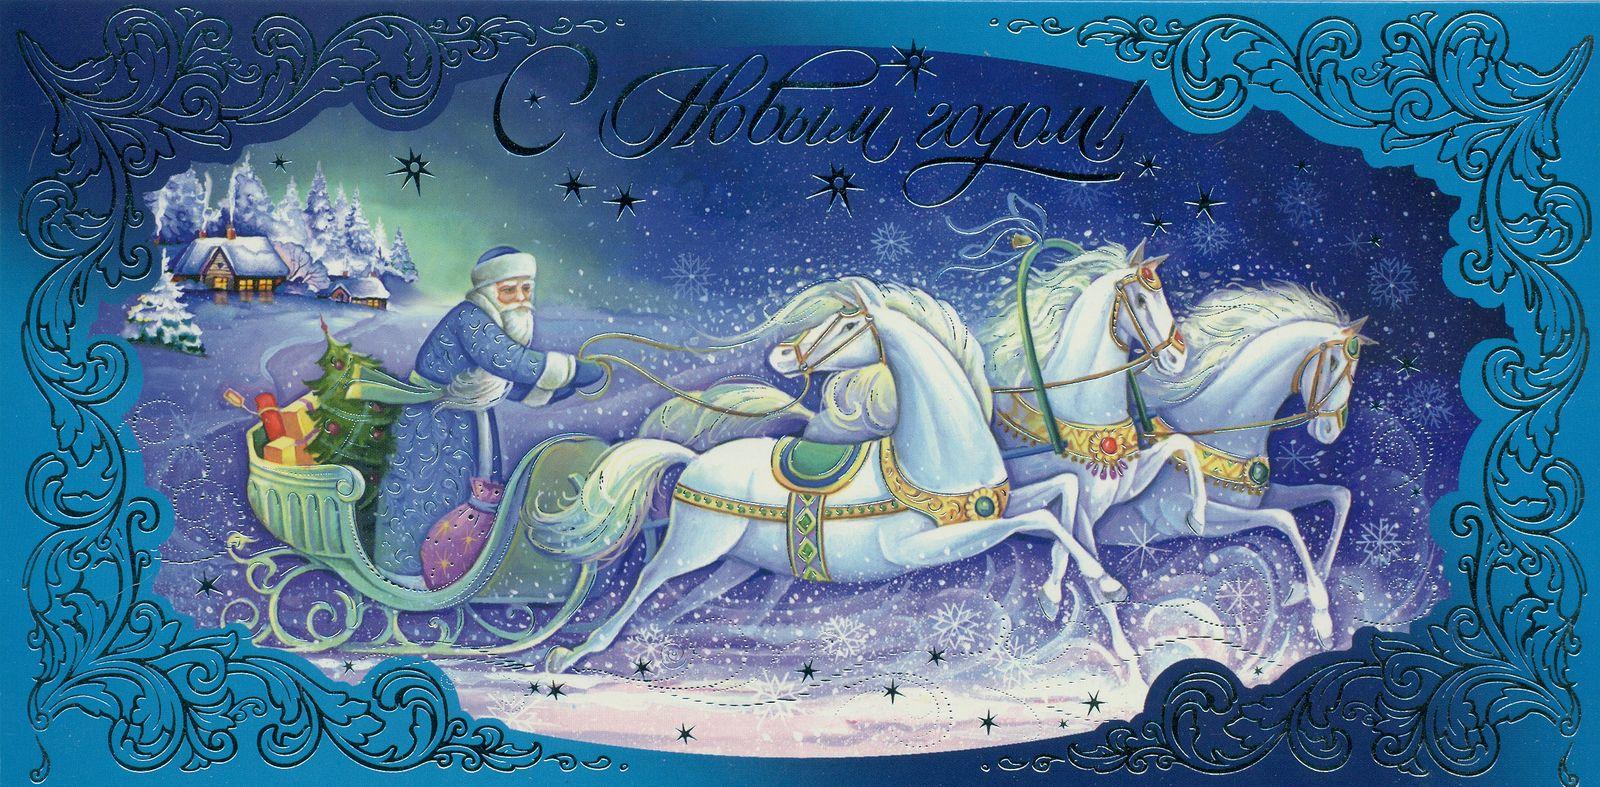 деревянных новогодние открытки за 2006 год недавнего времени волосы